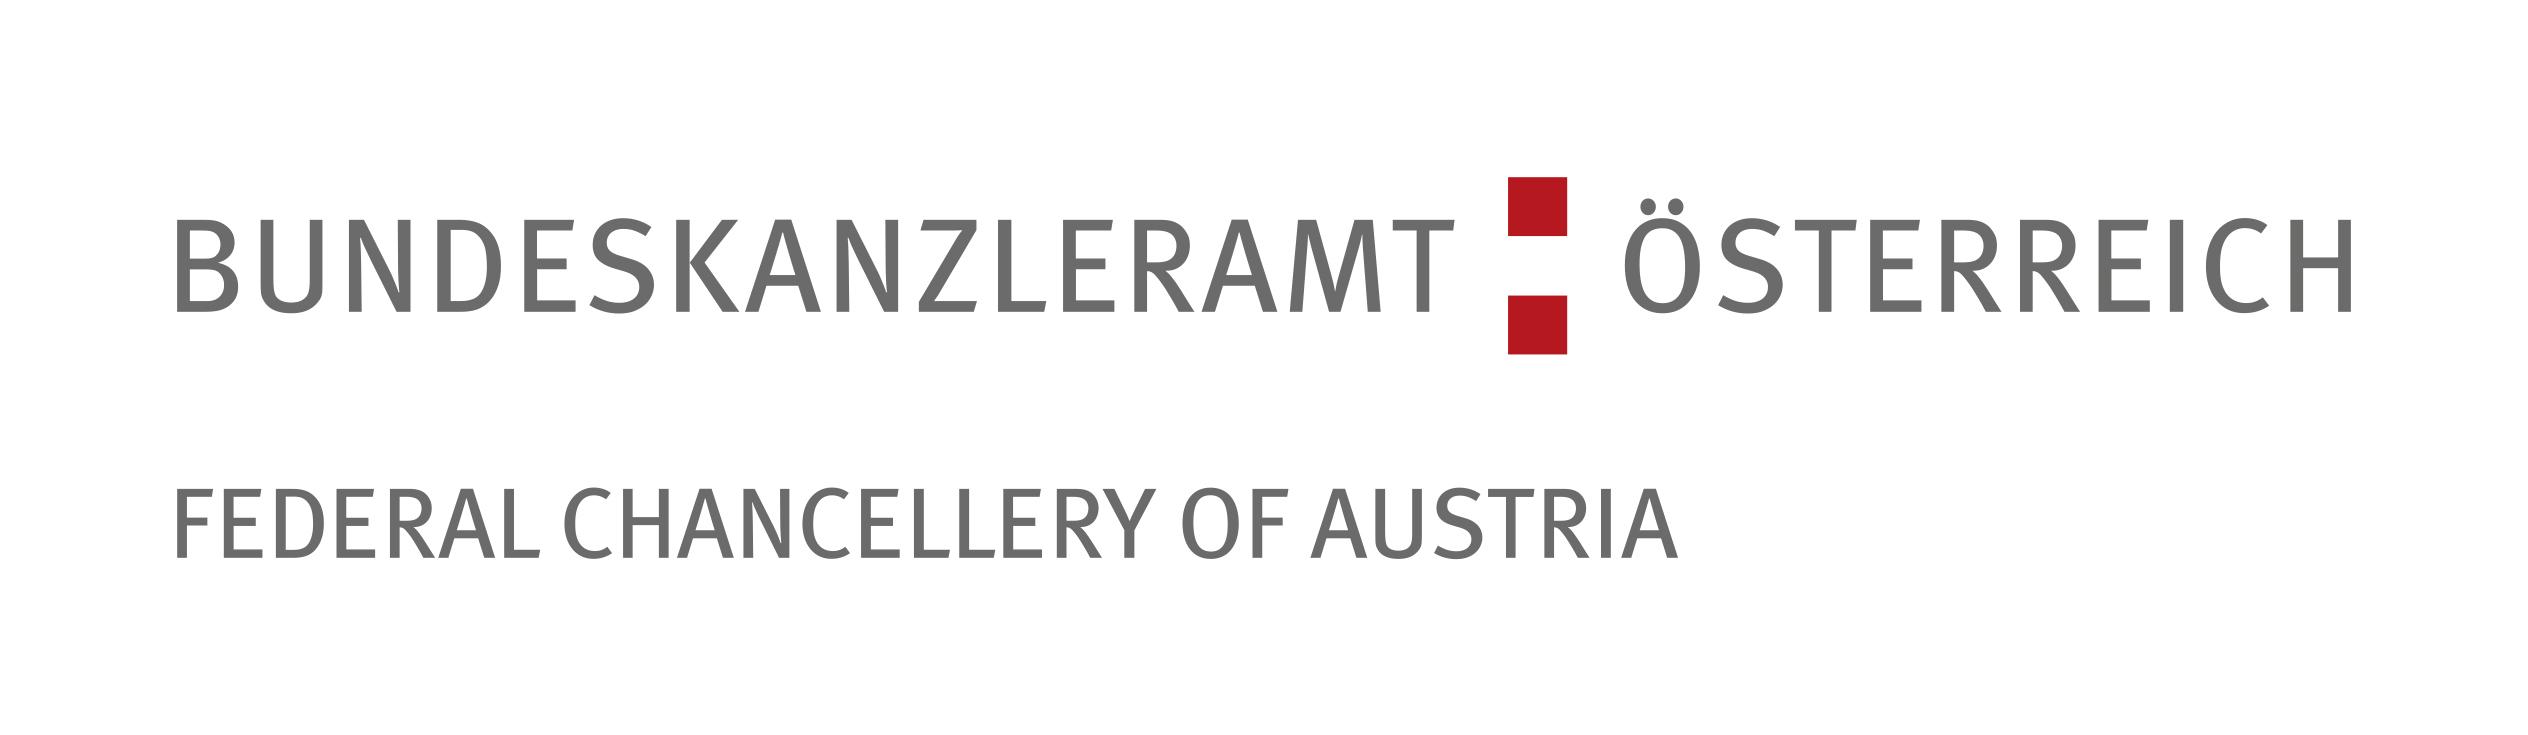 federal_chancellery_of_austria_RGB.jpg